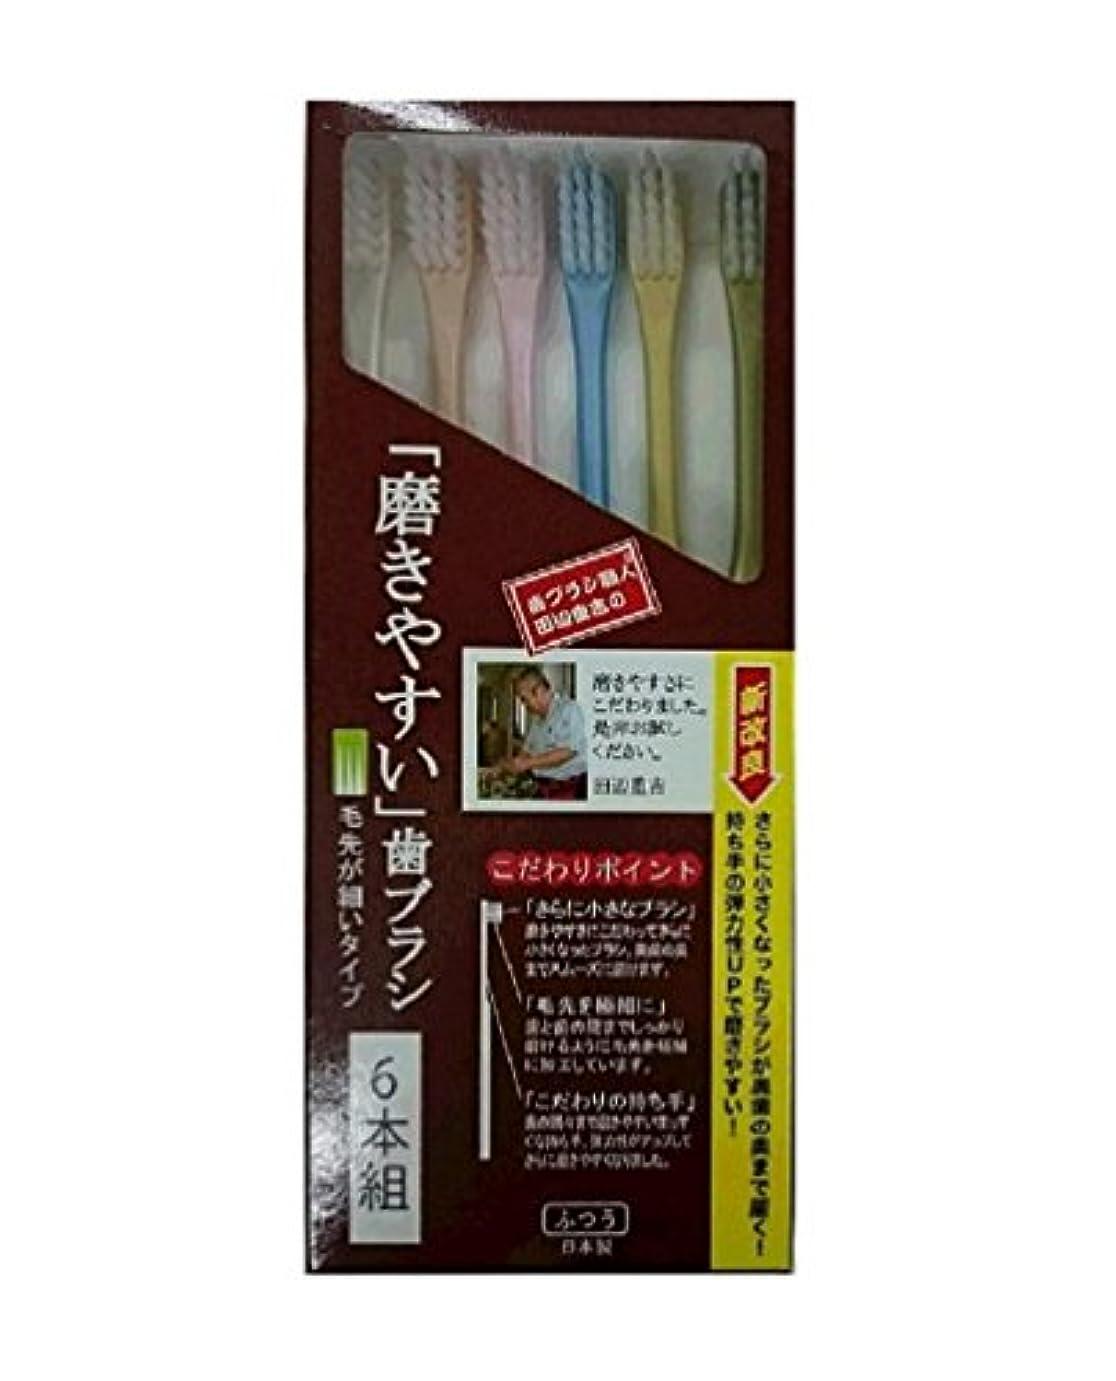 美容師段階強化する歯ブラシ職人 田辺重吉考案 磨きやすい歯ブラシ 先細 6本組